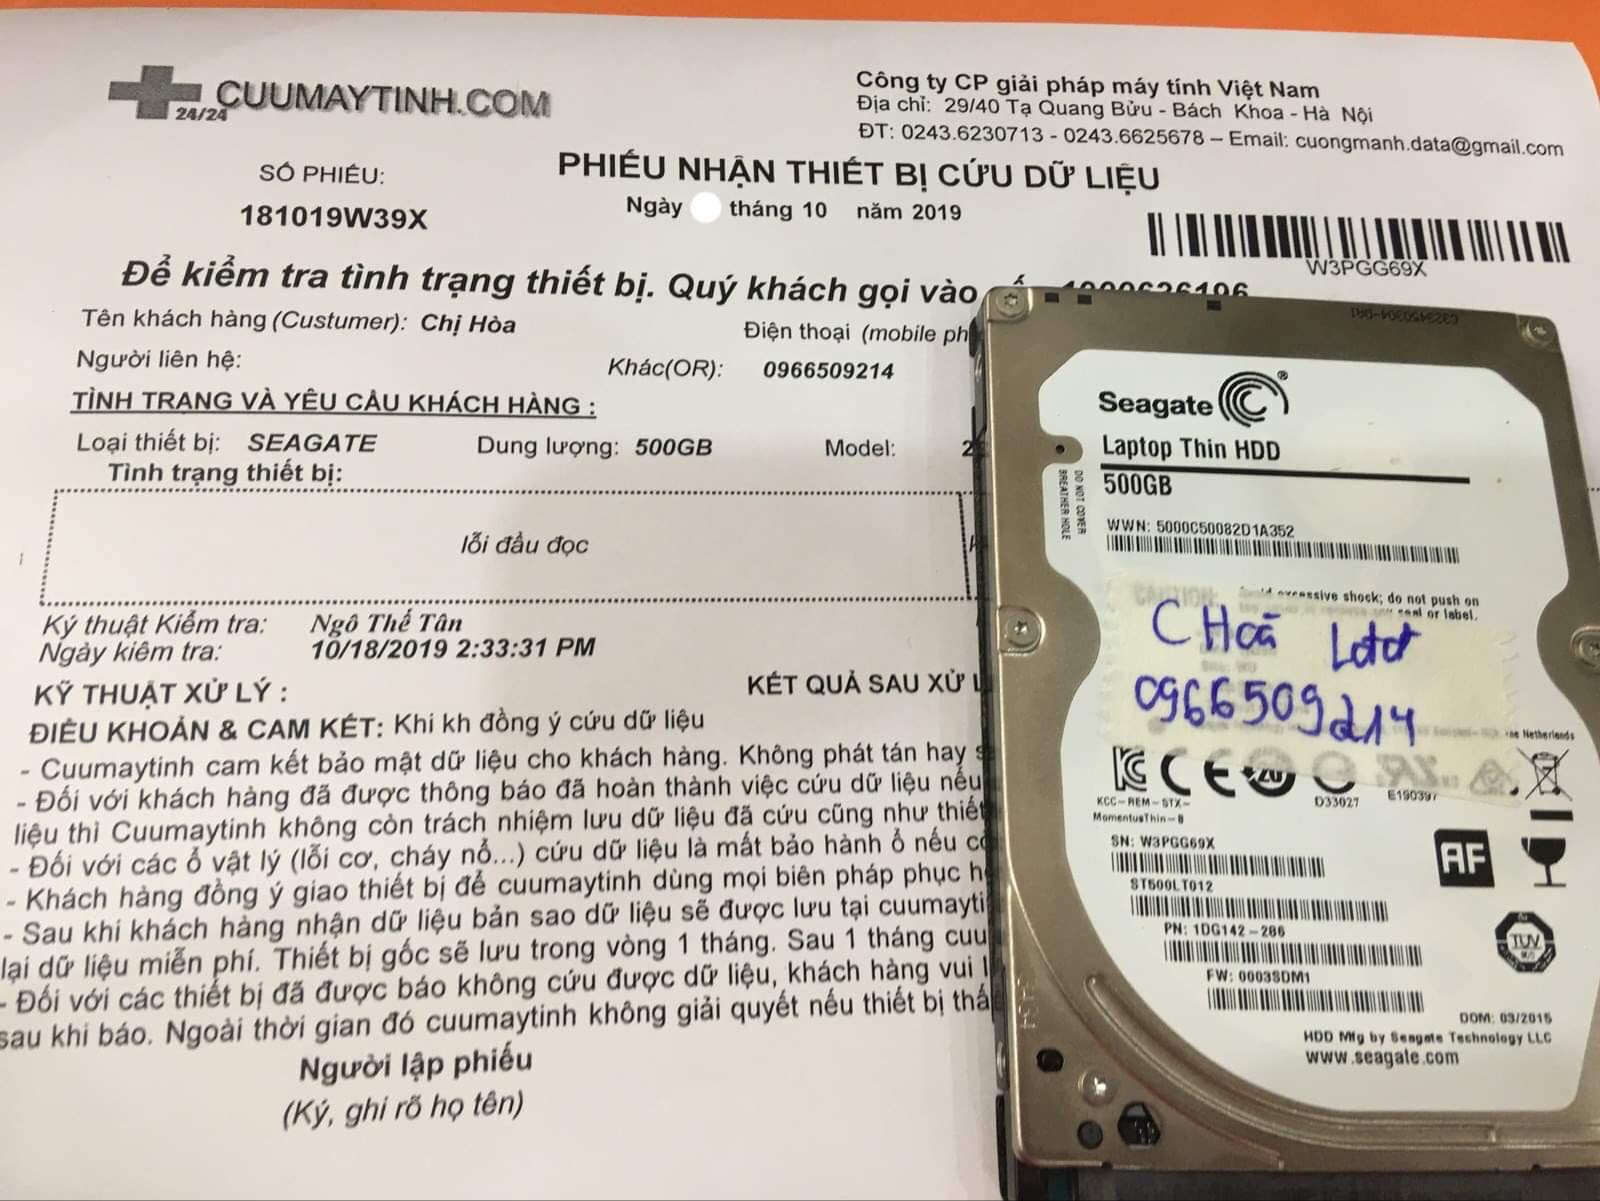 Lấy dữ liệu ổ cứng Seagate 500GB lỗi đầu đọc 30/10/2019 - cuumaytinh